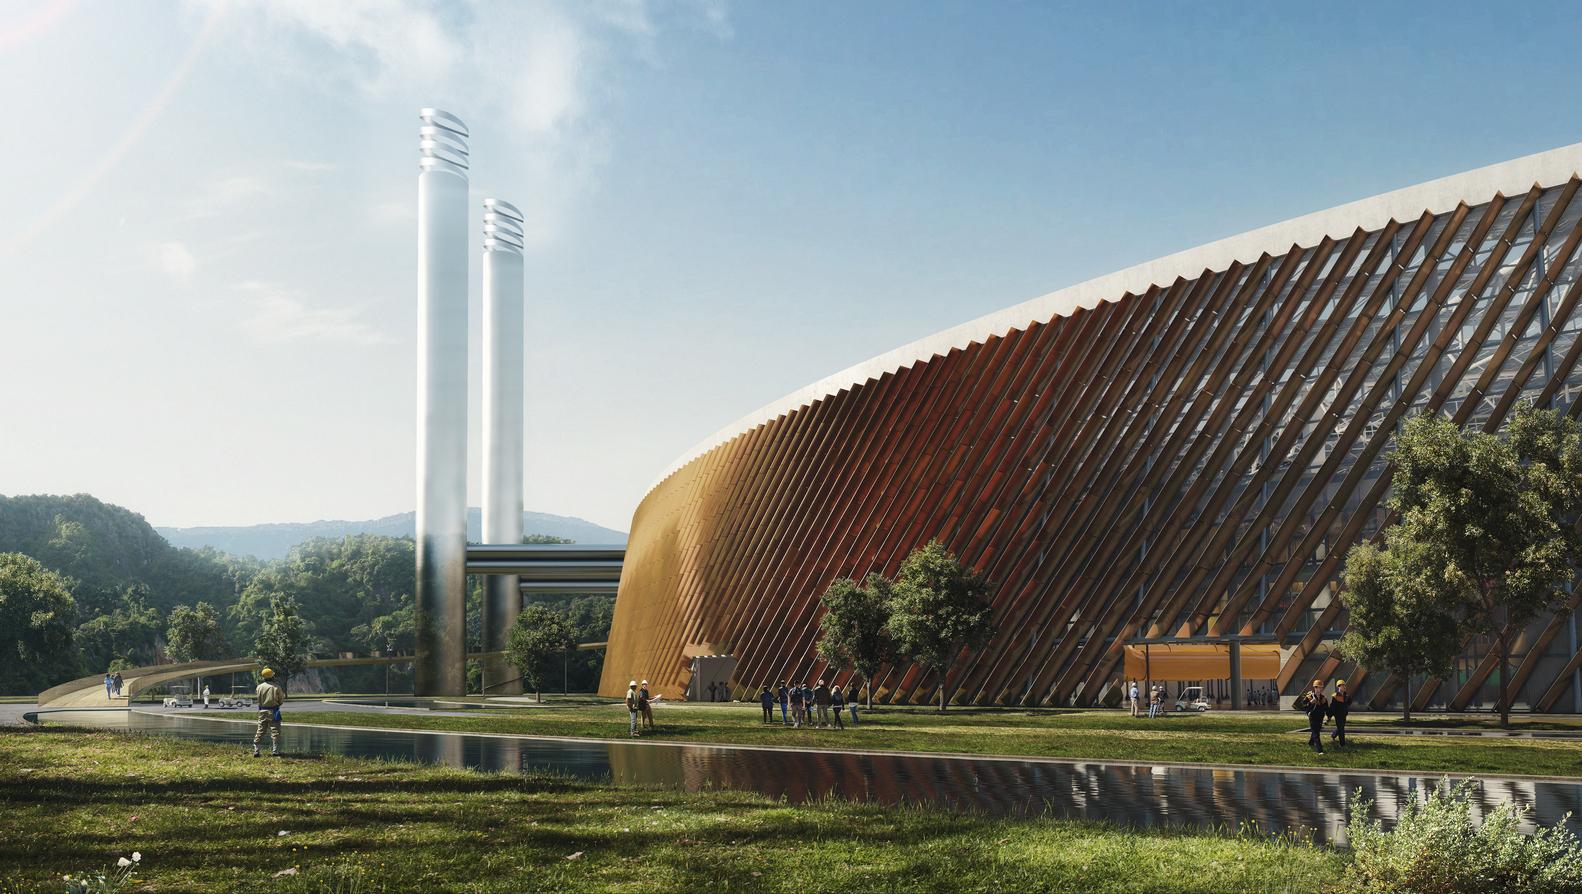 بزرگترین زباله سوز دنیا در چین